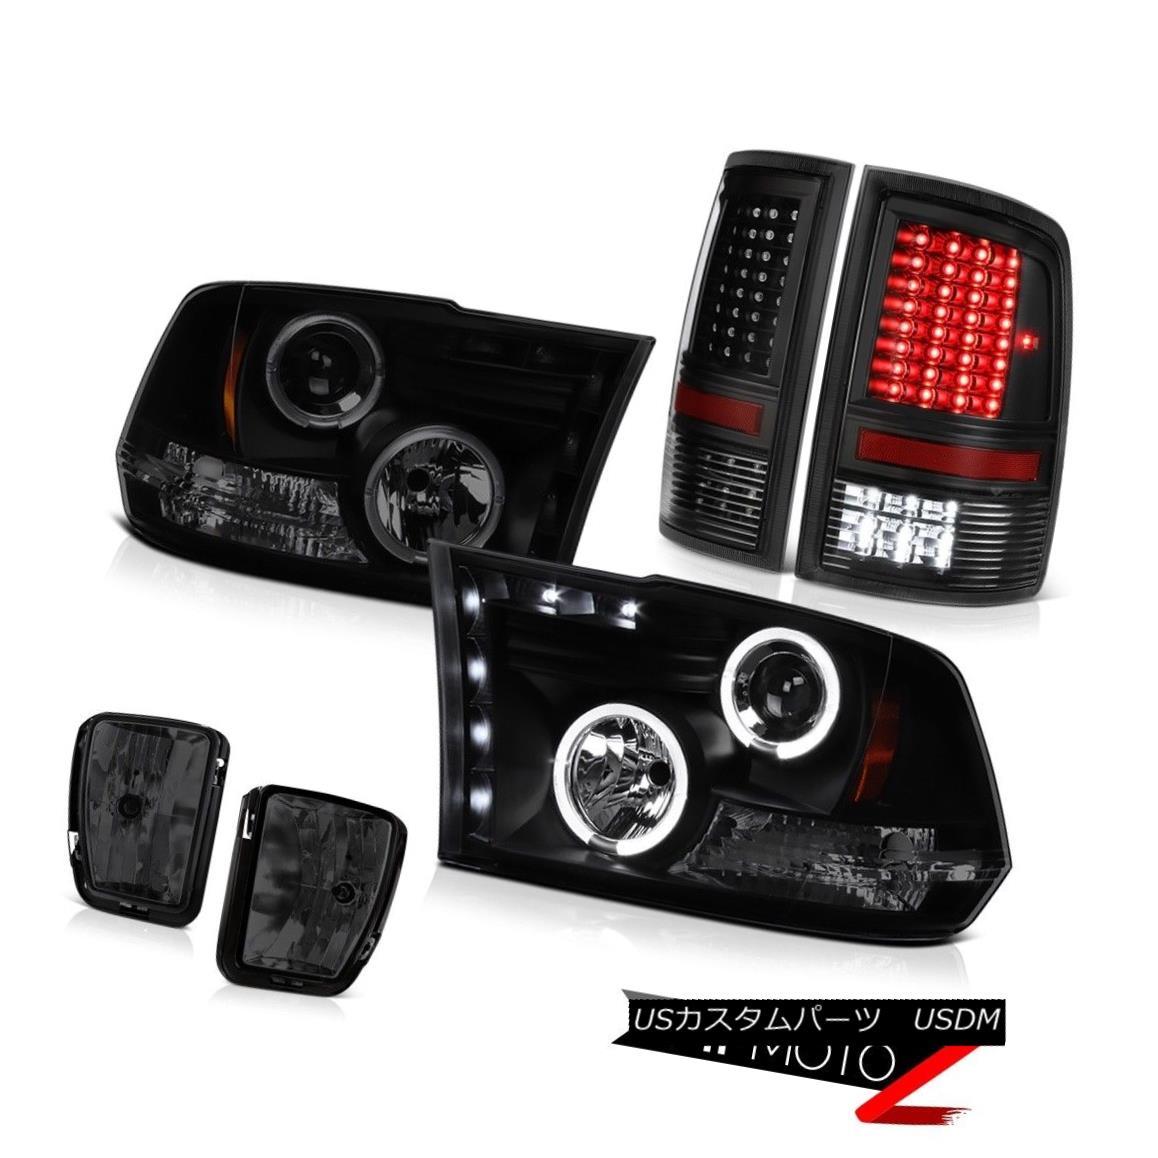 ヘッドライト 2013-2018 Ram 1500 Outdoorman Smokey Foglights Parking Brake Lights Headlights 2013-2018ラム1500アウトドアマンスモーキーフォグライティングパーキングブレーキライトヘッドライト